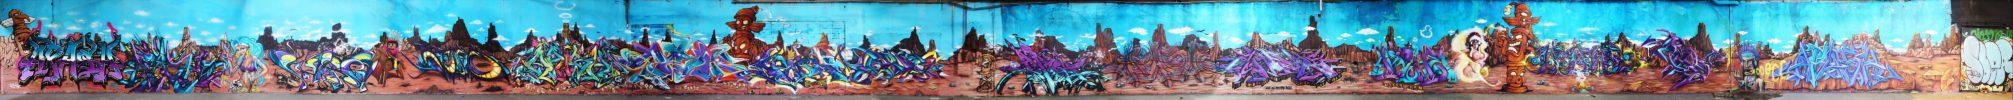 2012_12_Toulouse_Fresque_Apashe